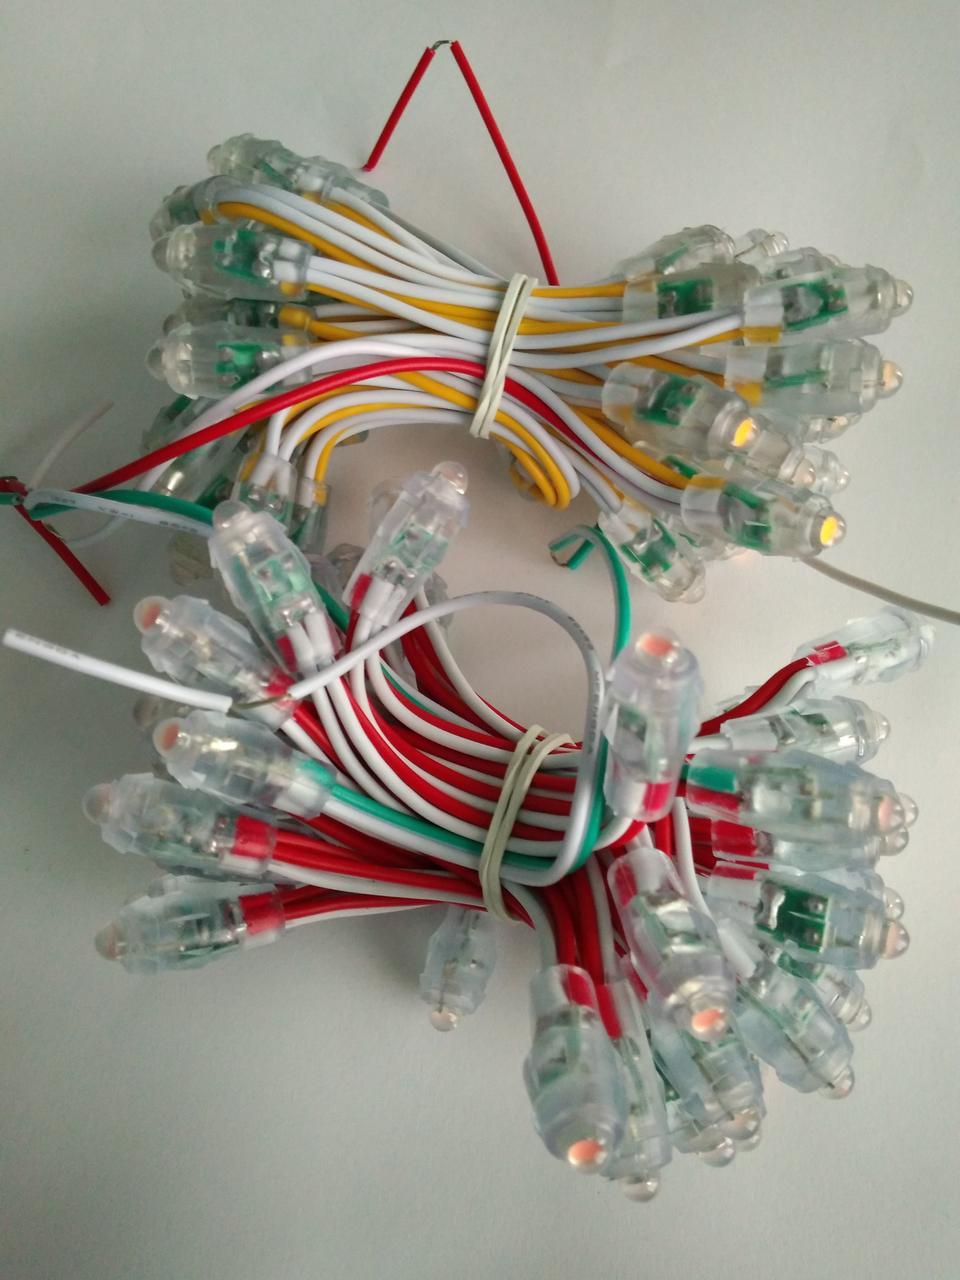 Світлодіоди швидкого монтажу 9мм, светодиоды быстрого монтажа 12 вольт синій